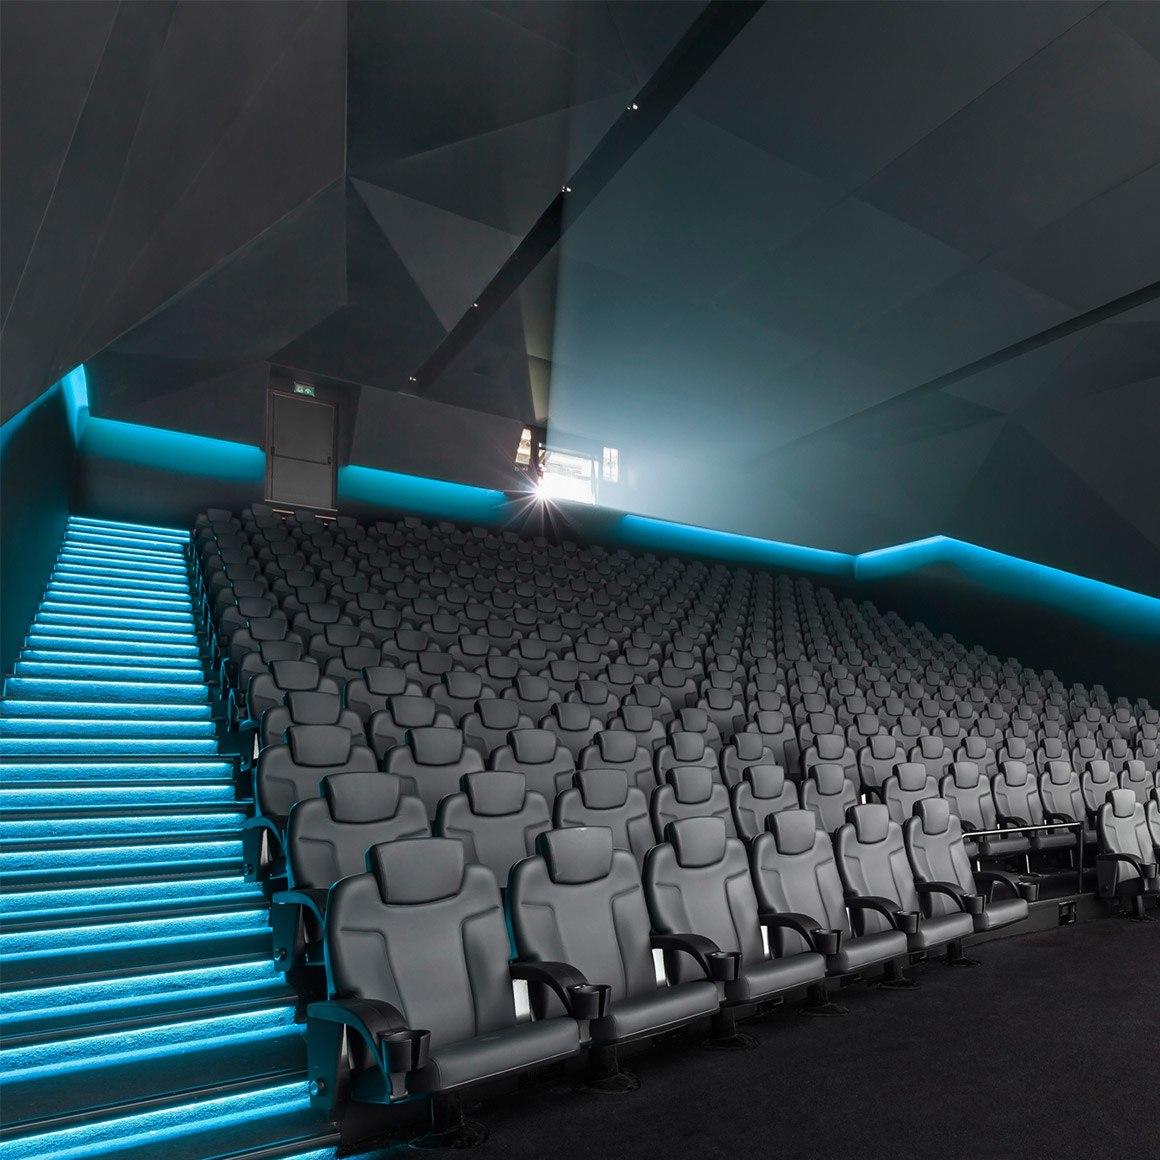 Dolby_Cinema_3_Up_1160x1160